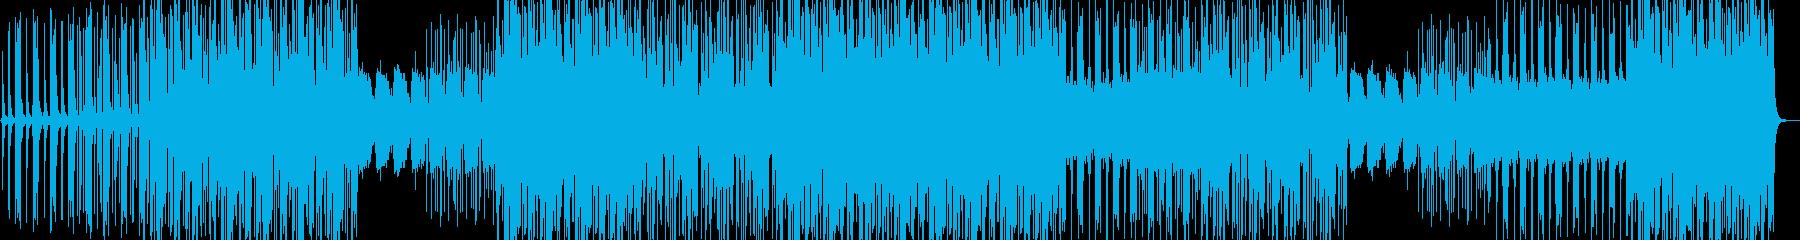 迫りくるような勢いのあるオーケストラの再生済みの波形